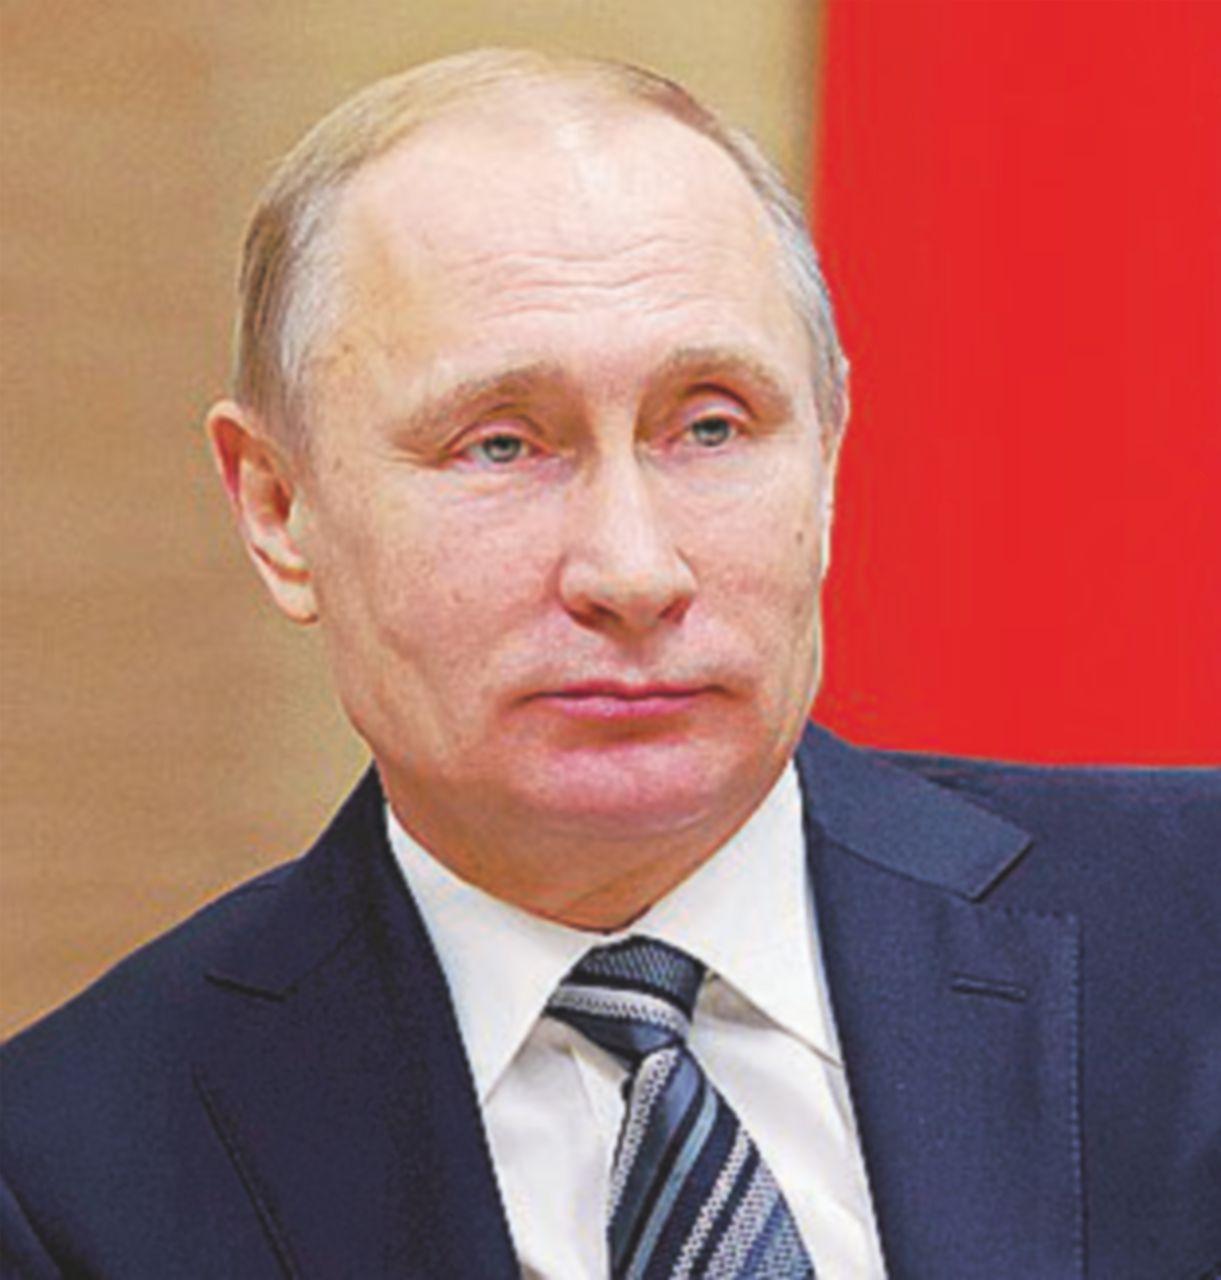 Villeggiatura col boss: i fedelissimi di Putin trovano dacia vicino alla sua